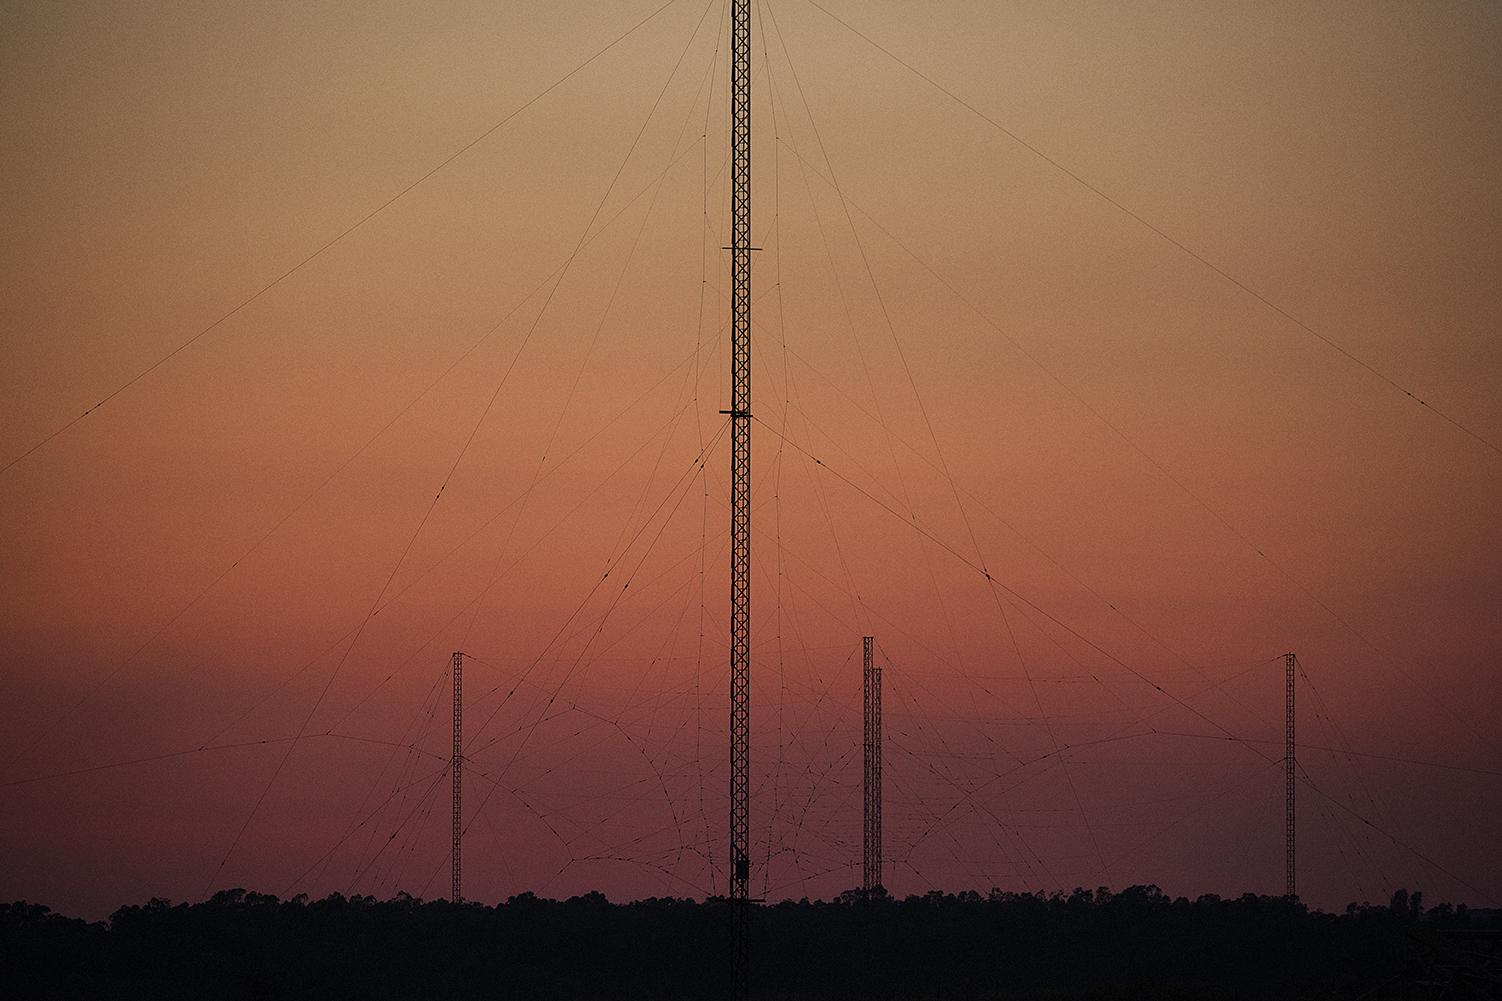 Niscemi (CL), Luglio 2017. L'intricato reticolato di antenne del Naval Radio Transmitter Facility è attivo dal 1991 all'interno della riserva naturale Sughereta di Niscemi. La stazione radio dispone di un sistema di trasmettitori e antenne a bassa frequenza (LF) e alta frequenza (HF). Le tre parabole del MUOS vanno a completare questo maxi sistema di comunicazione ad uso esclusivo delle forze armate statunitensi. © Chiara Faggionato